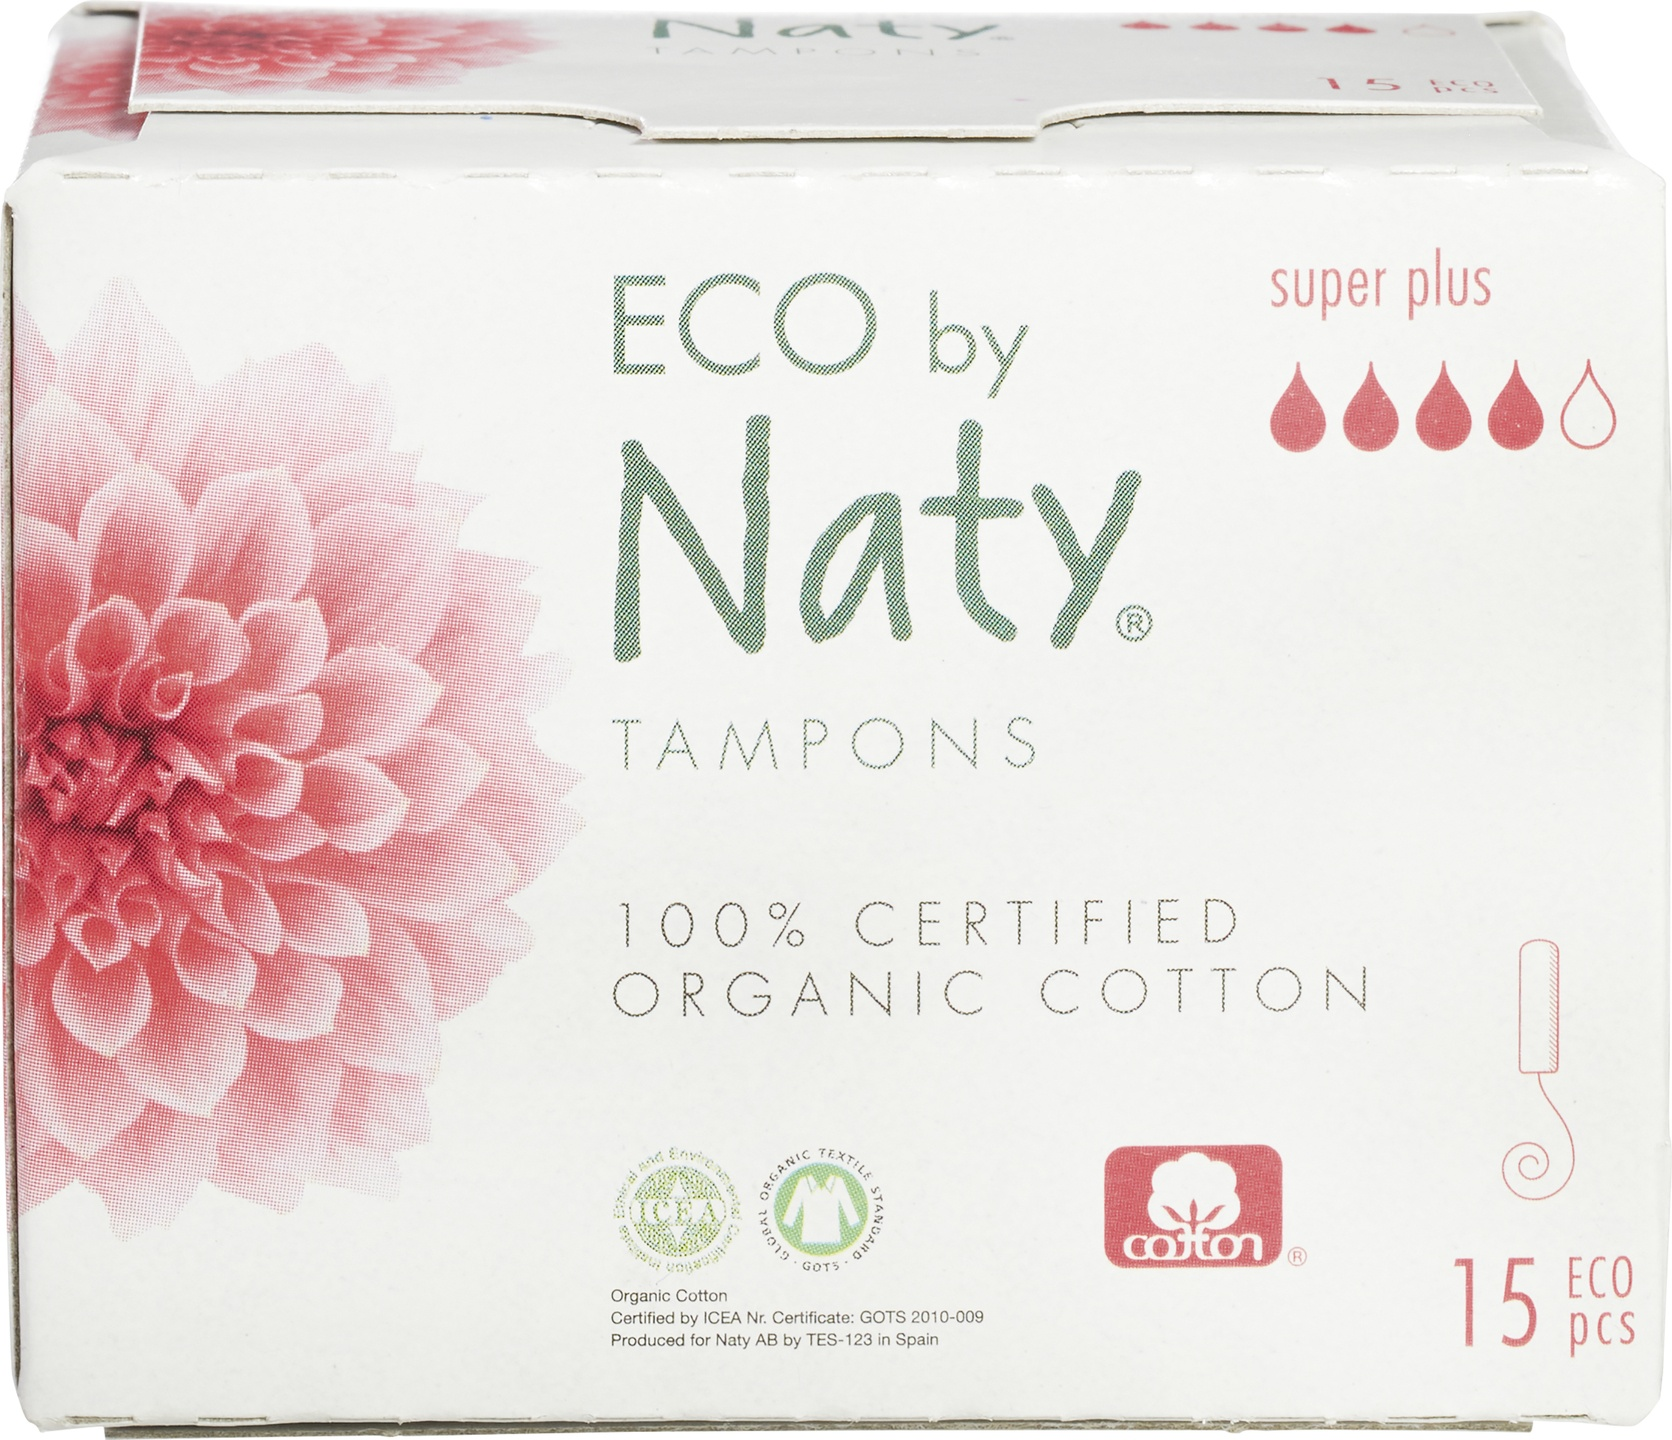 Biologische Naty Tampons super plus 15 st